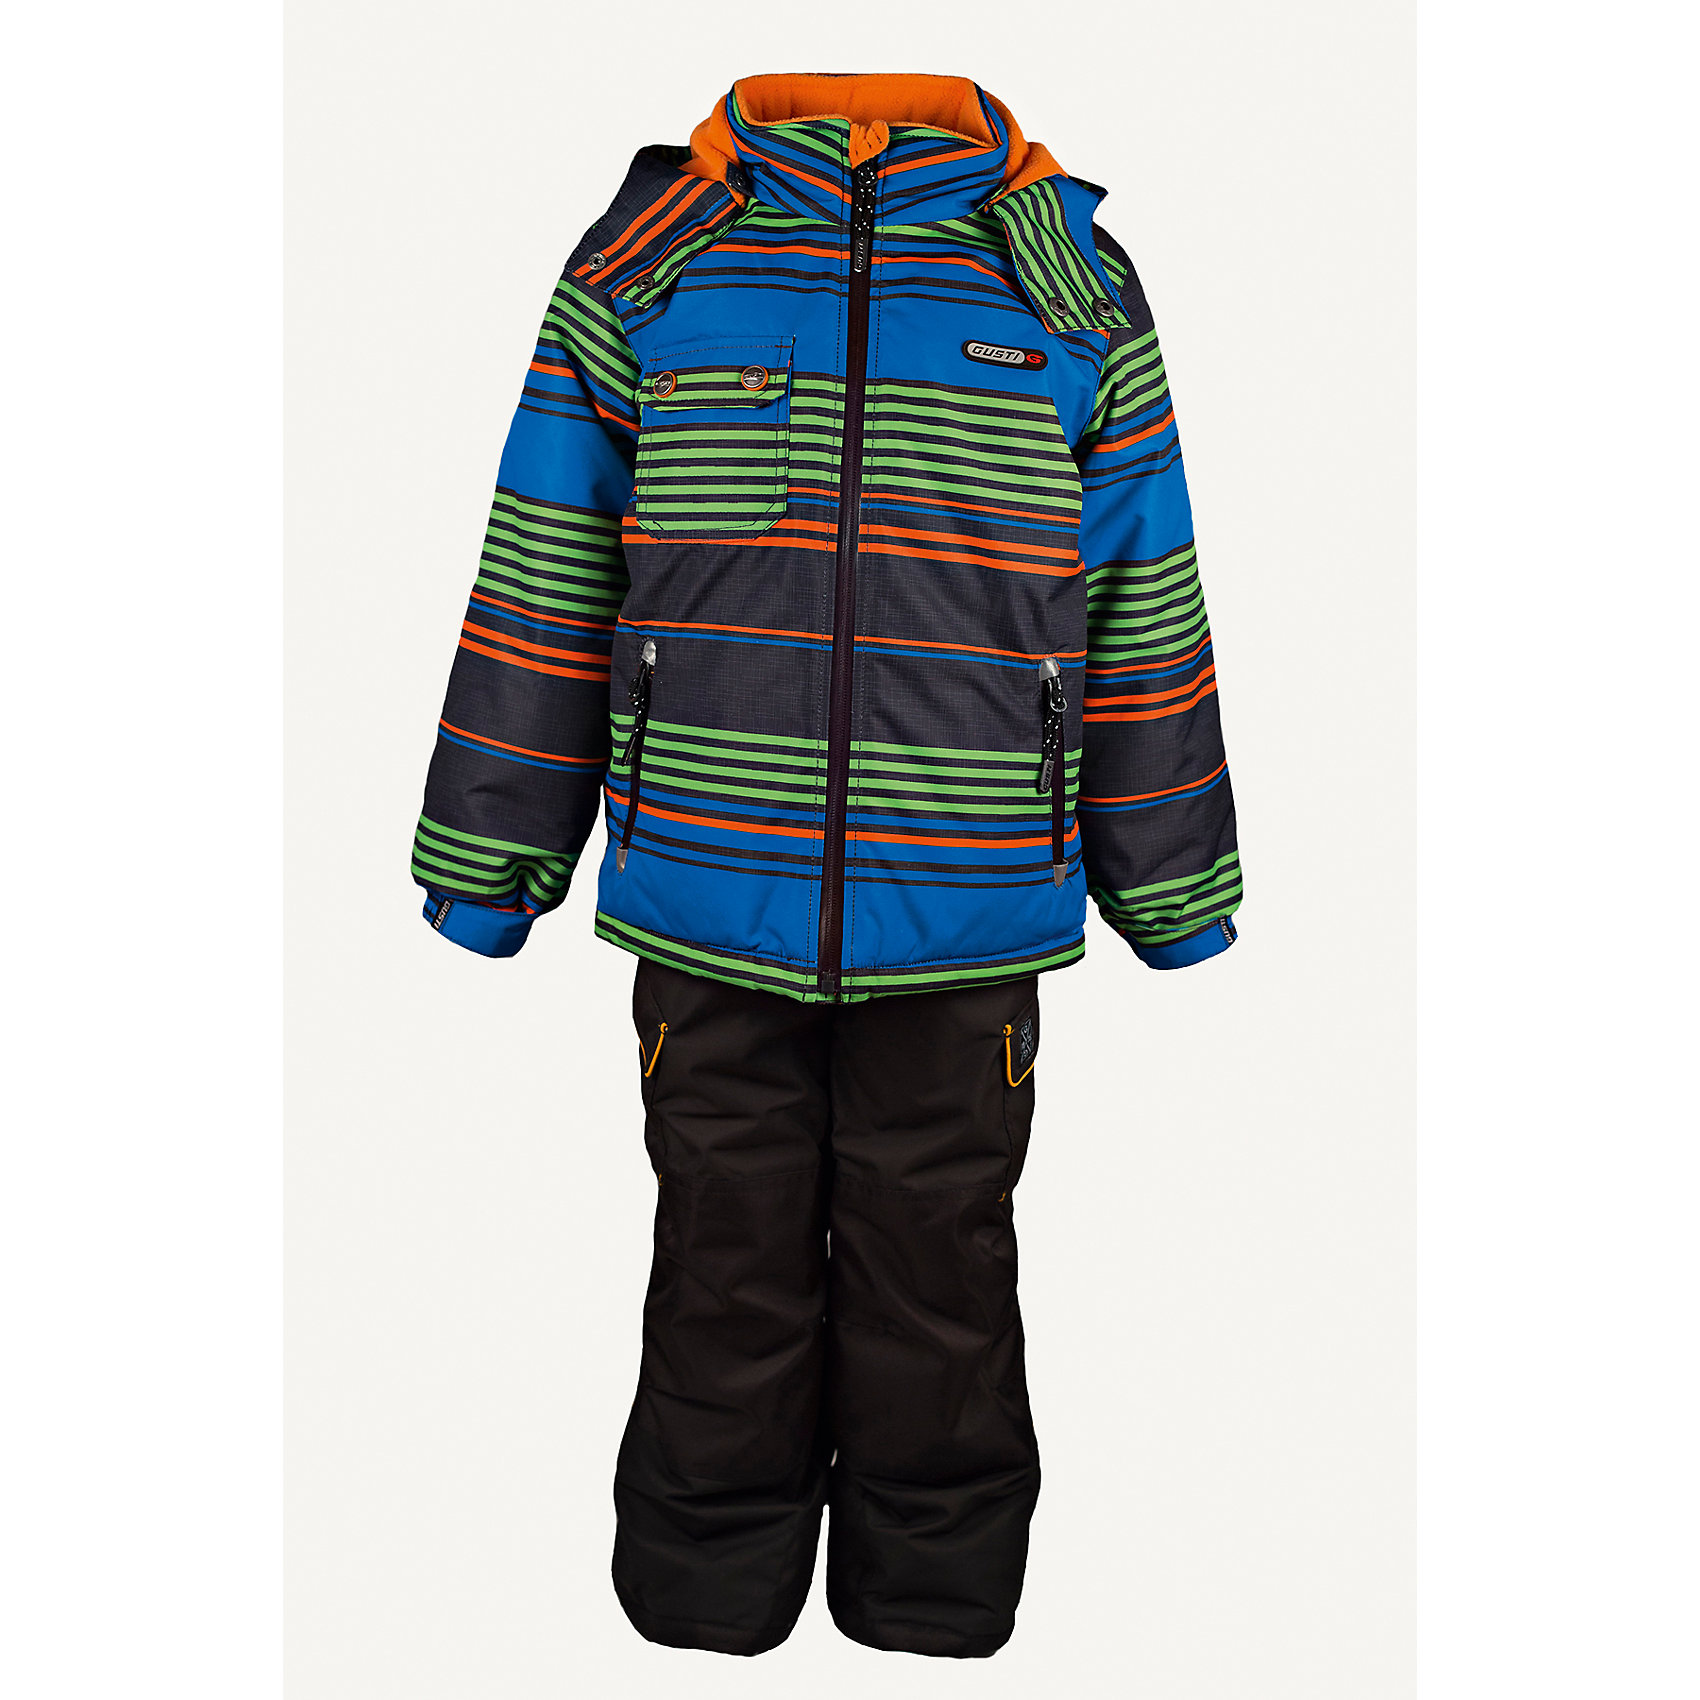 Комплект: куртка и полукомбинезон GUSTIВерхняя одежда<br>Комплект: куртка и полукомбинезон GUSTI (ГУСТИ) – это идеальный вариант для суровой зимы с сильными морозами.<br><br>Температурный режим: до -30  градусов. Степень утепления – высокая. <br><br>* Температурный режим указан приблизительно — необходимо, прежде всего, ориентироваться на ощущения ребенка. Температурный режим работает в случае соблюдения правила многослойности – использования флисовой поддевы и термобелья.<br><br>Комплект от GUSTI (ГУСТИ) состоит из куртки и полукомбинезона прямого кроя, выполненных из плотного непромокаемого материала с защитной от влаги мембраной 5000 мм. Тань хорошо сохраняет тепло, отталкивает влагу и позволяет коже ребенка дышать. Утеплитель из тек-полифилла и флисовая внутренняя отделка на груди и на спинке дают возможность использовать комплект при очень низких температурах. Куртка застегивается на молнию, имеет накладной карман с клапаном, два внутренних кармана на молнии, снегозащитную юбку, трикотажные манжеты в рукавах,  отстёгивающийся капюшон с флисовой подкладкой. Низ рукавов регулируется с помощью липучек. Полукомбинезон застегивается на молнию, имеет два накладных кармана с клапанами, регулируемые лямки, снегозащитные гетры. Длина брючин регулируется (отворот с креплением на липе). Сзади, на коленях, и по низу брючин имеется дополнительный слой ткани Cordura Oxford (сверхстойкий полиэстер). До размера 6х (120 см.) у полукомбинезона высокая грудка, в размерах 7 (122 см.) -14 (164см) отстегивающаяся спинка, грудки нет. Модель подходит для прогулок на морозе до -30 градусов.<br><br>Дополнительная информация:<br><br>- Сезон: зима<br>- Пол: мальчик<br>- Цвет: мультиколор, черный<br>- Узор: полоска<br>- Температурный режим до -30 градусов<br>- Материал верха: куртка - shuss 5000мм (100% полиэстер); брюки - taslan 5000мм, накладки Cordura Oxford сзади, на коленях, и по низу брючин<br>- Наполнитель: куртка - тек-полифилл плотностью 283 гр/м (10 унций) 100% полиэстер; брюки -